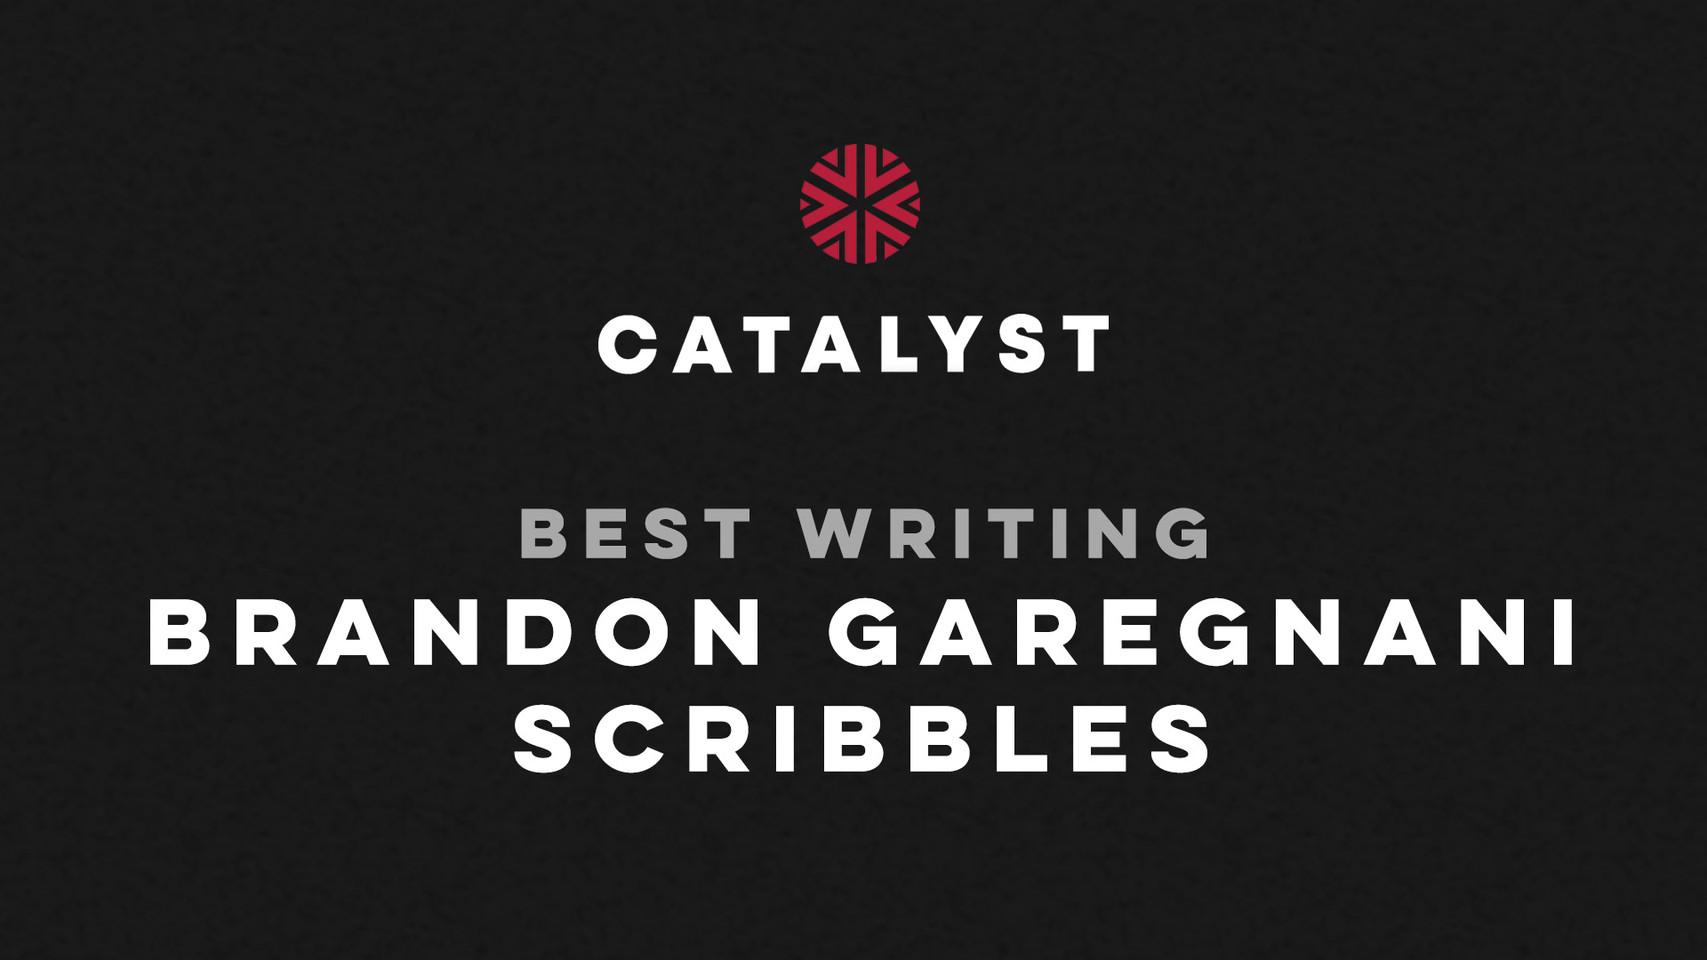 bestwriting.jpg